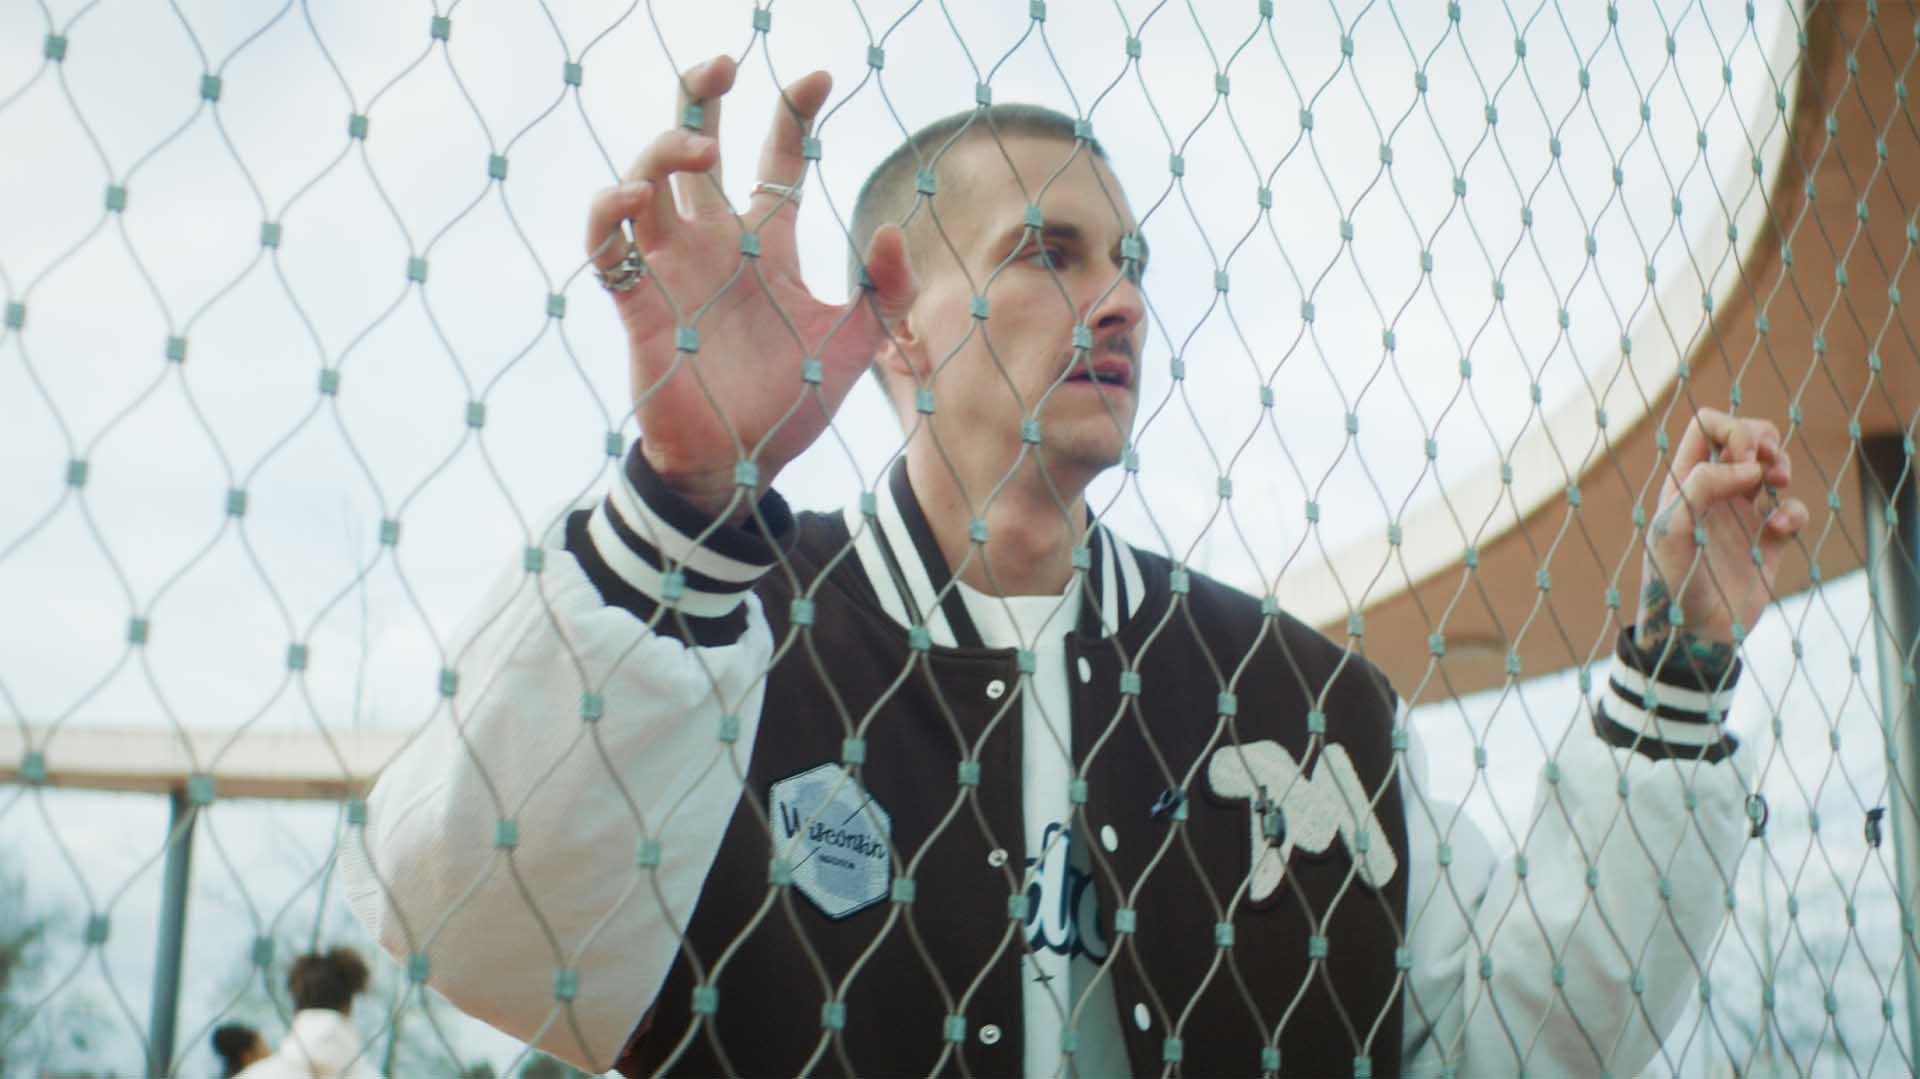 Willy Iffland Filmproduktion München Model Basketballplatz Madison Clothing Junior High Kollektion